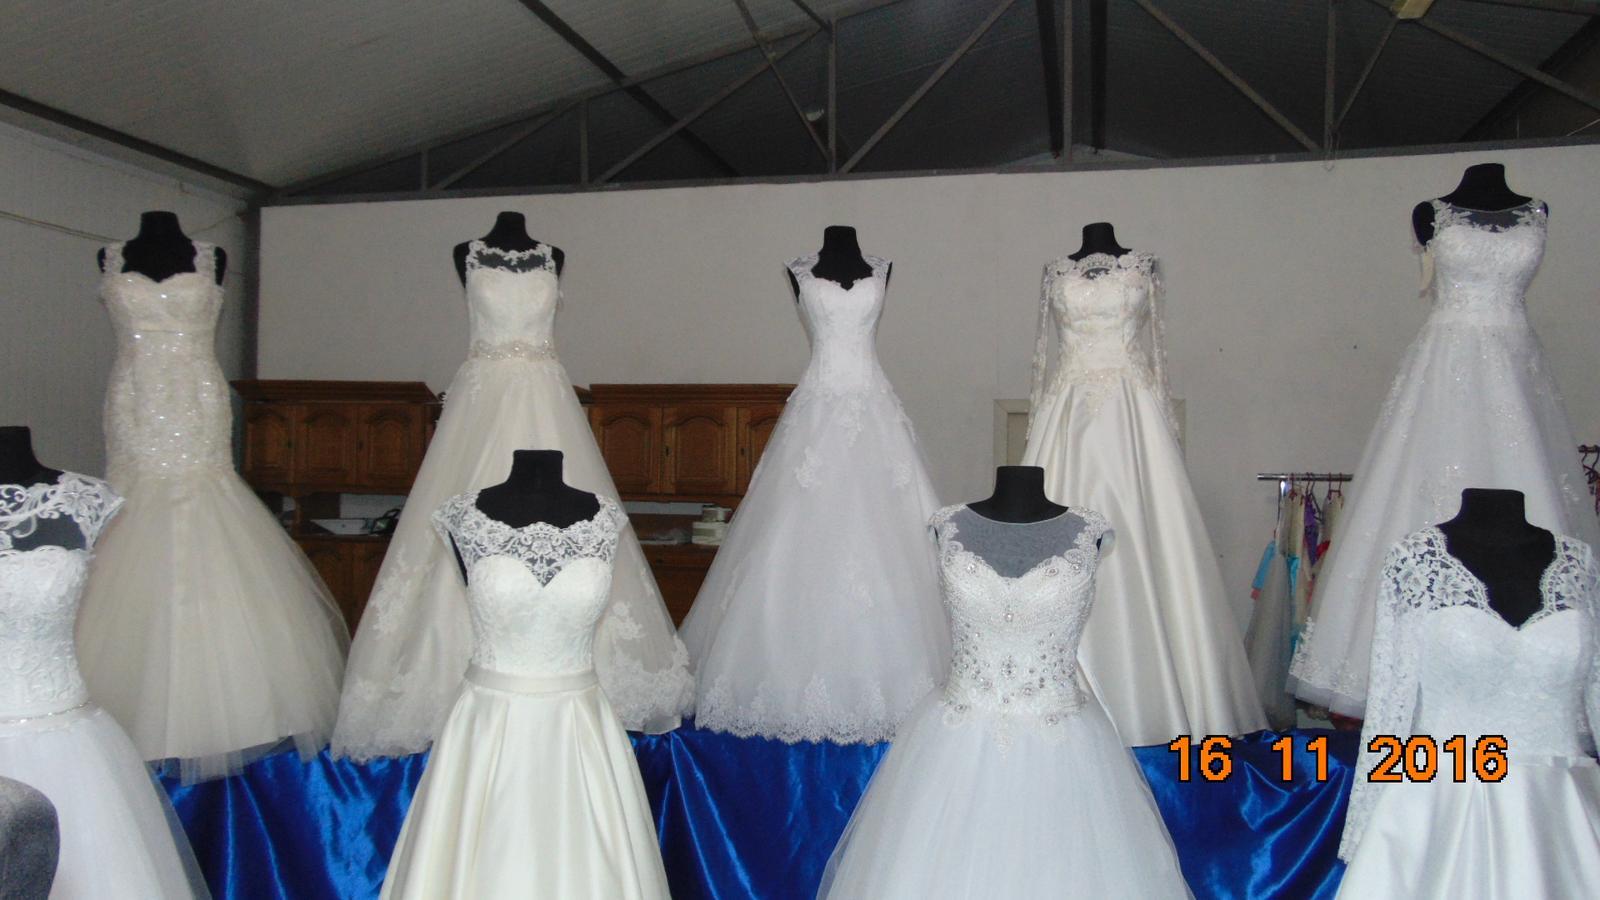 Svadobné šaty z Ukrajiny. Máte skúsenosť  - - Sva... - str. 43 c0ca105d68f